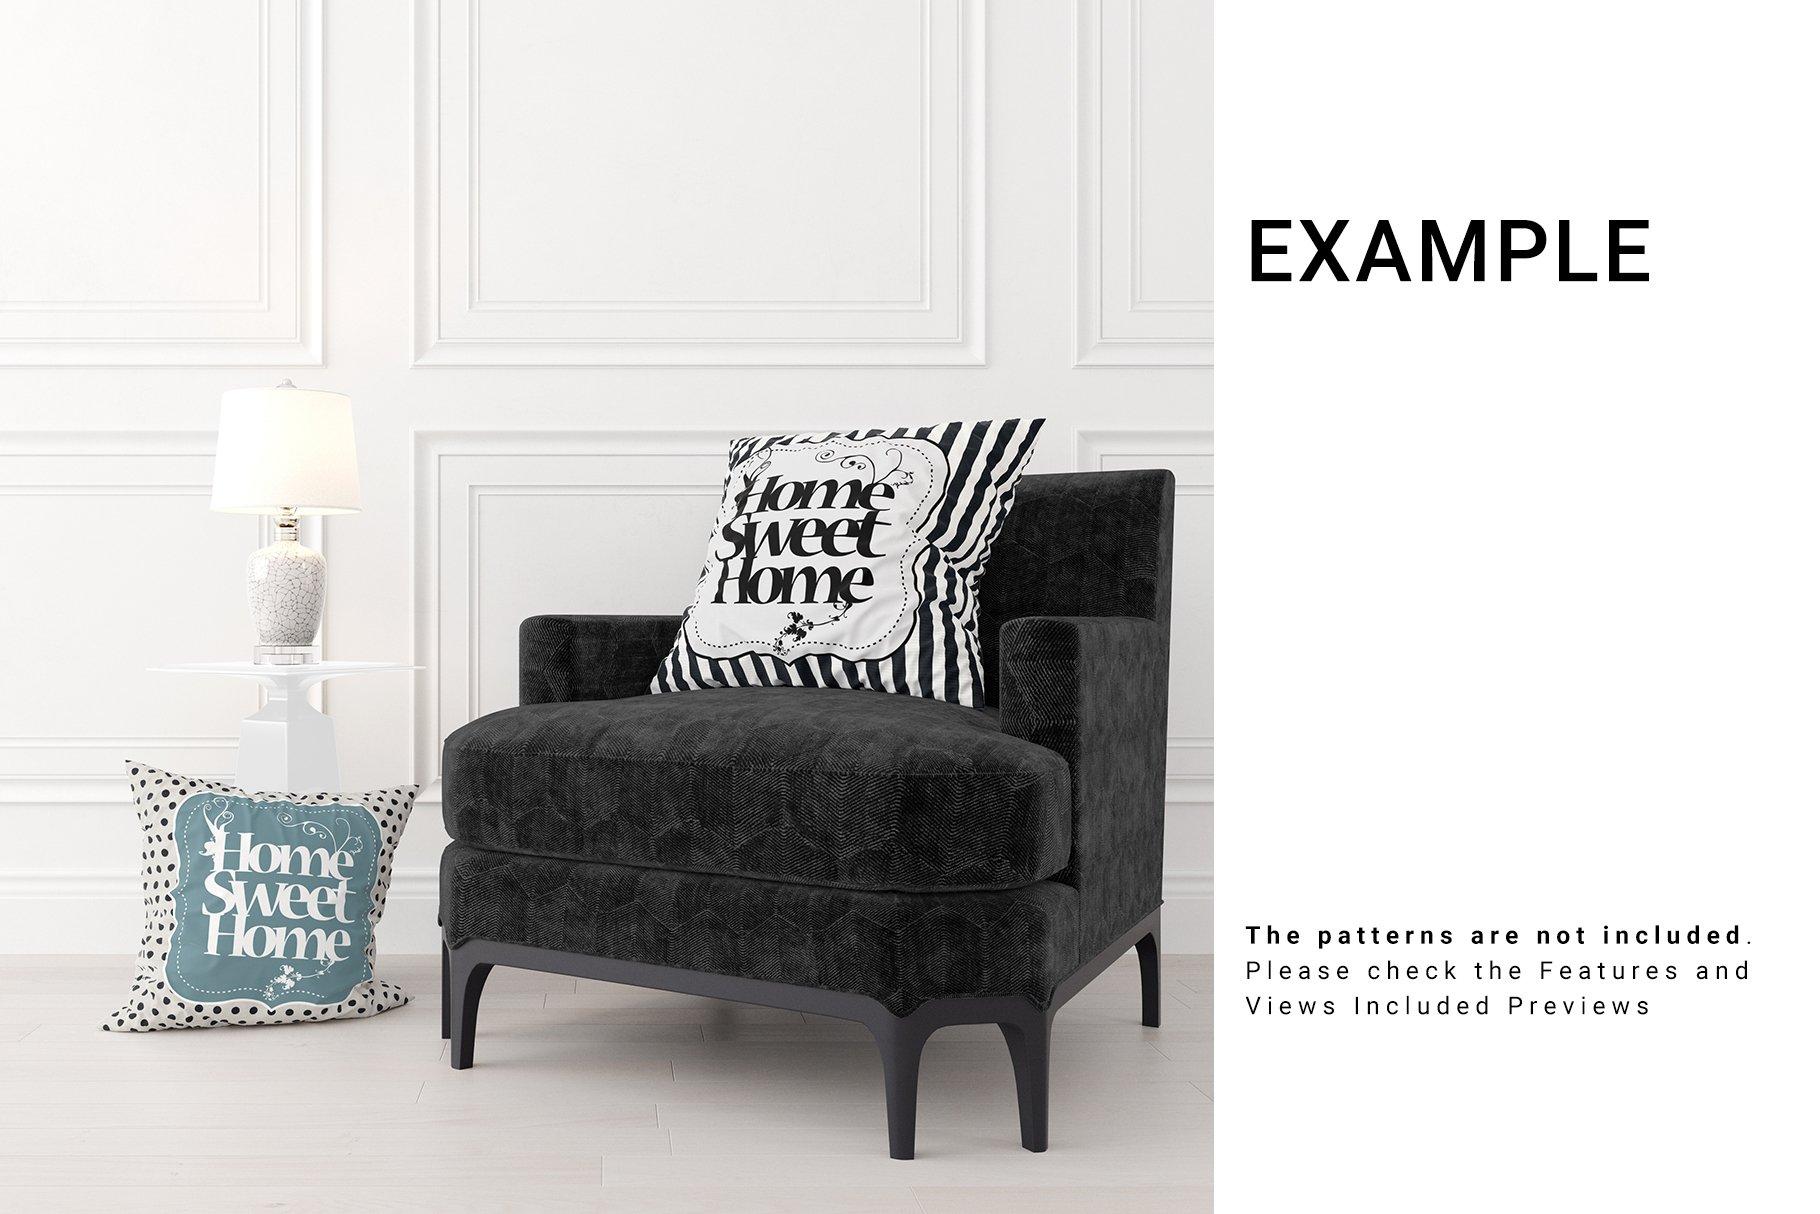 Luxury Interior Throw Pillows Set example image 4